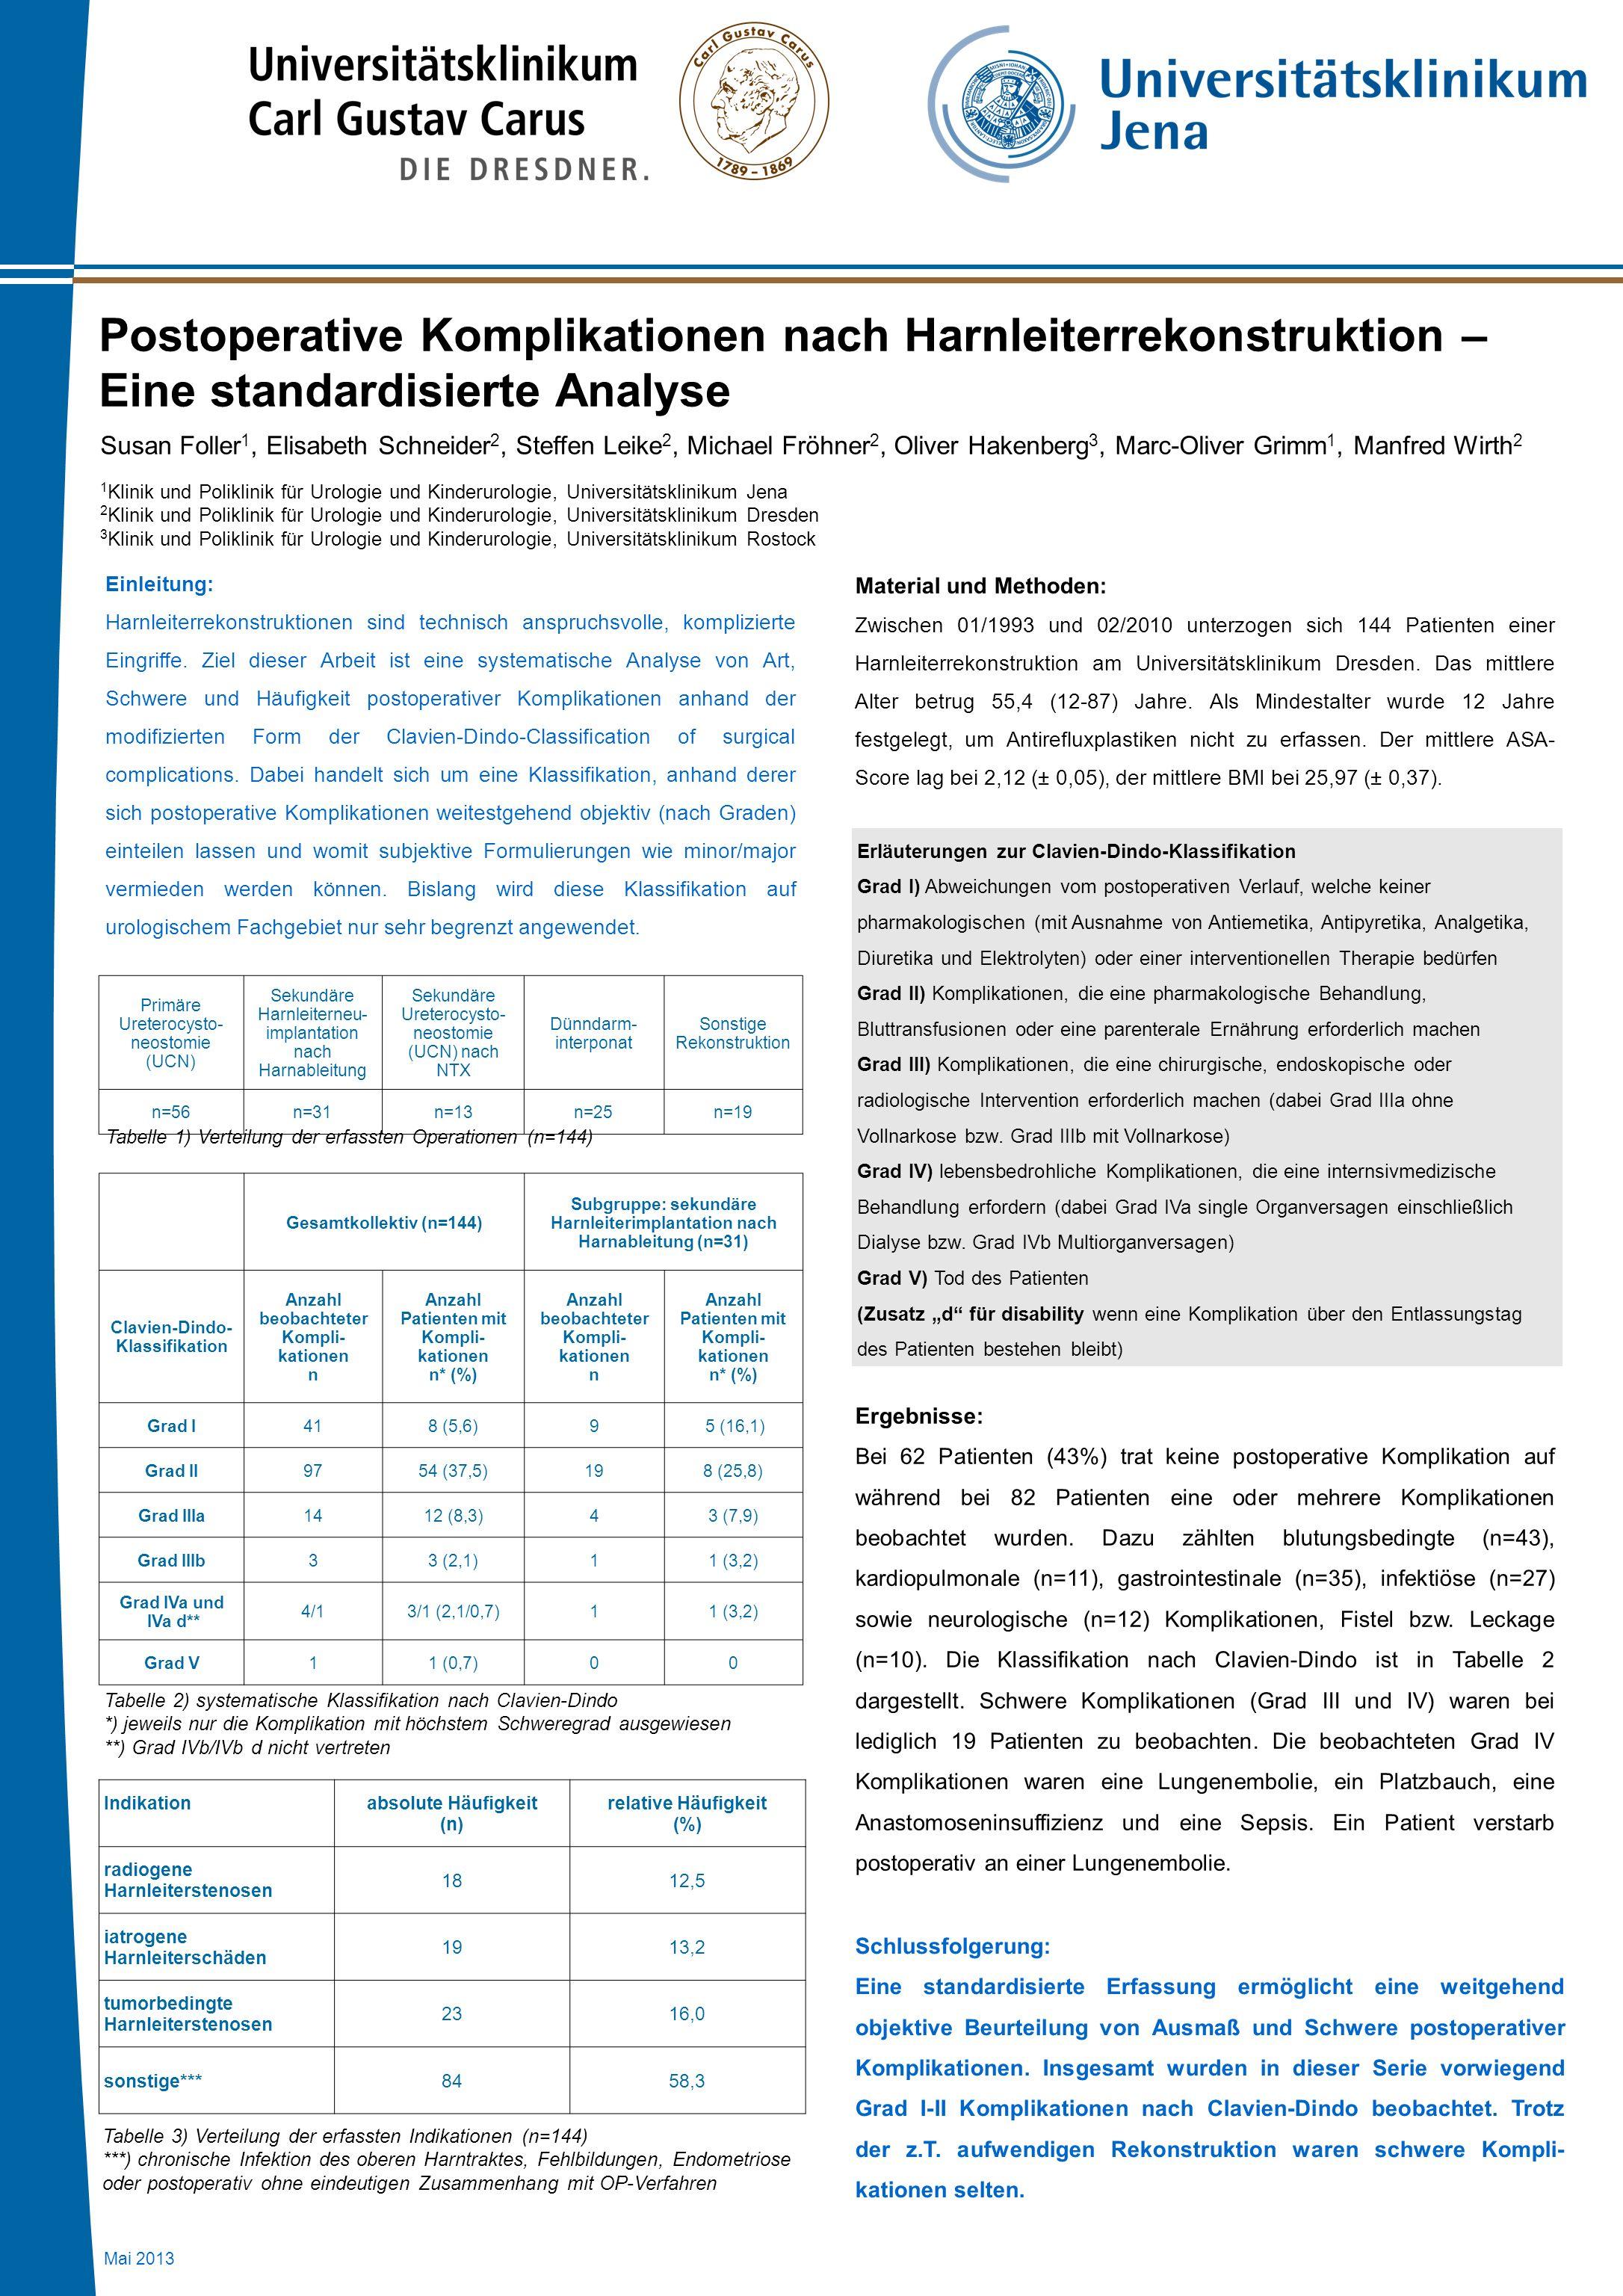 Postoperative Komplikationen nach Harnleiterrekonstruktion – Eine standardisierte Analyse